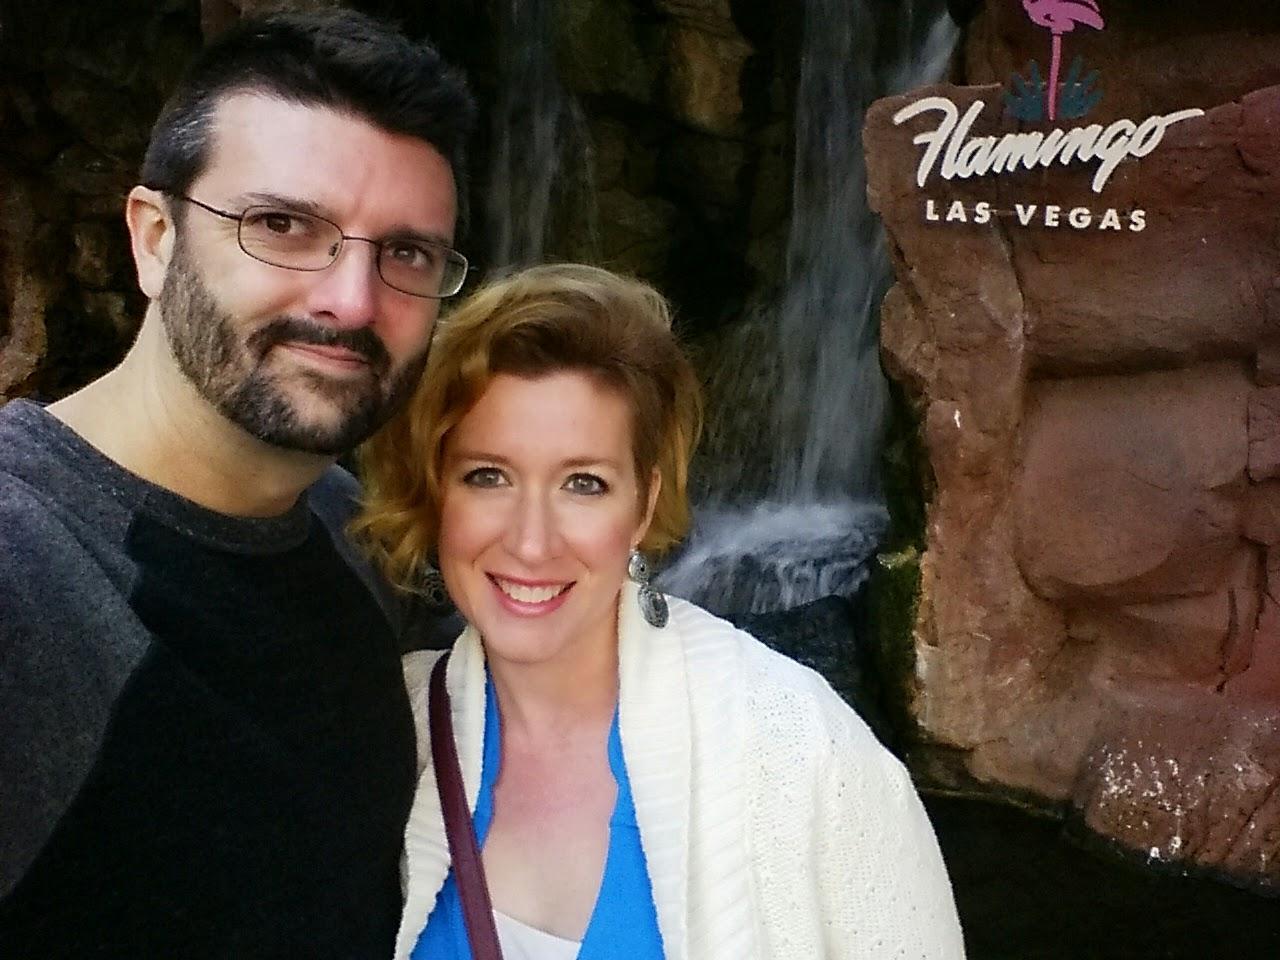 Wildlife Habitat at The Flamingo | Las Vegas